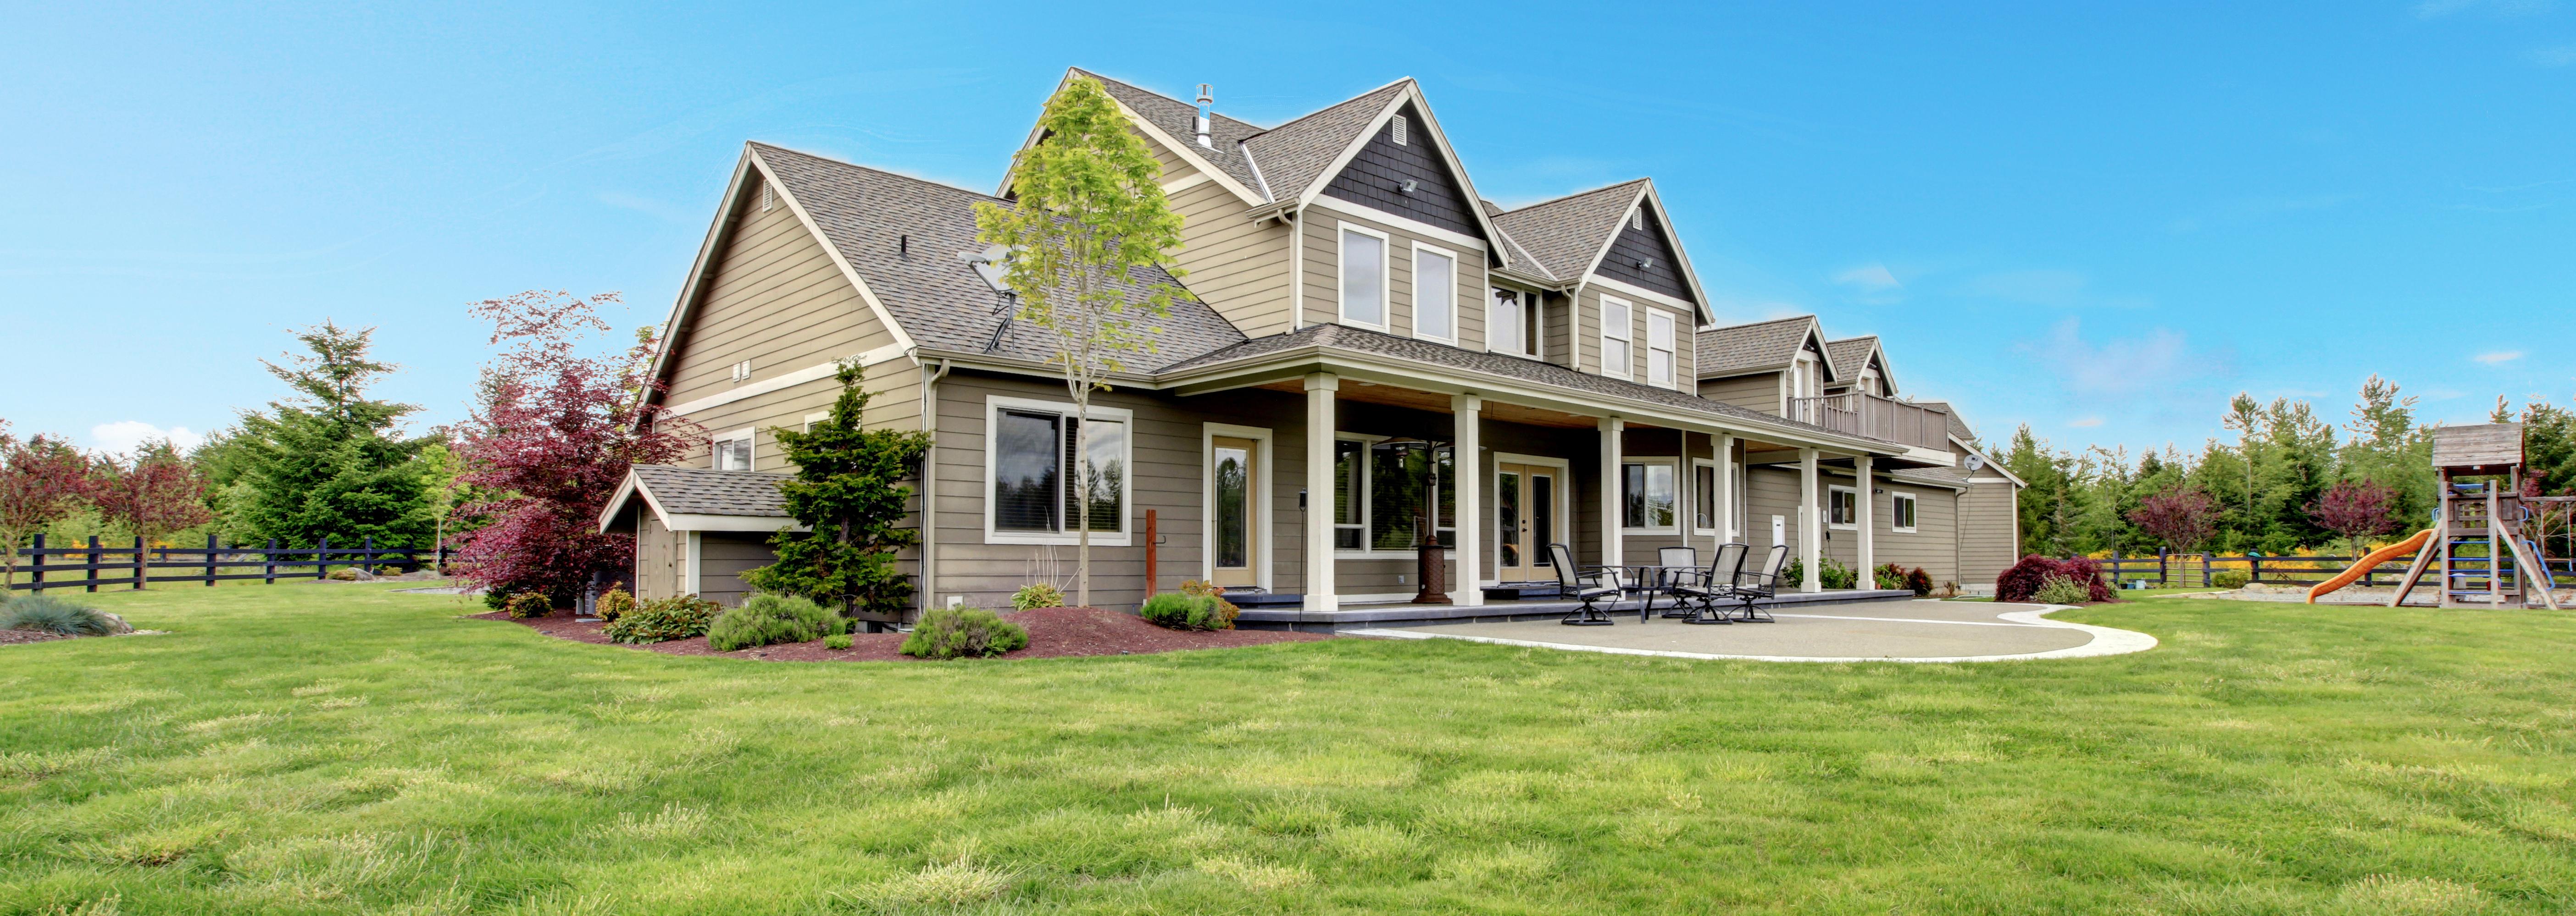 Home Insurance Ogden Utah